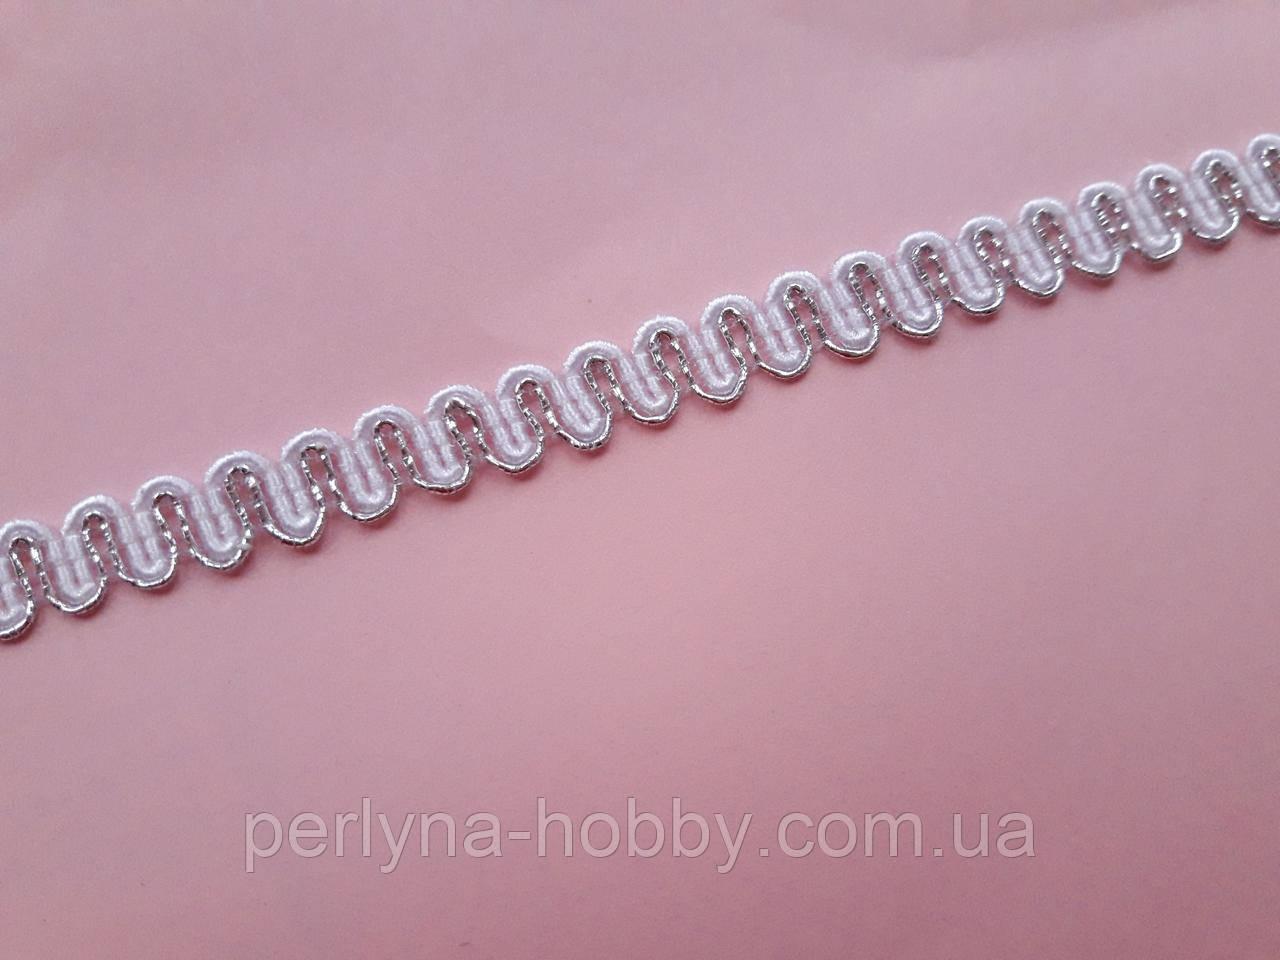 Тасьма  декоративна вузька 6мм, люрекс срібло з білим